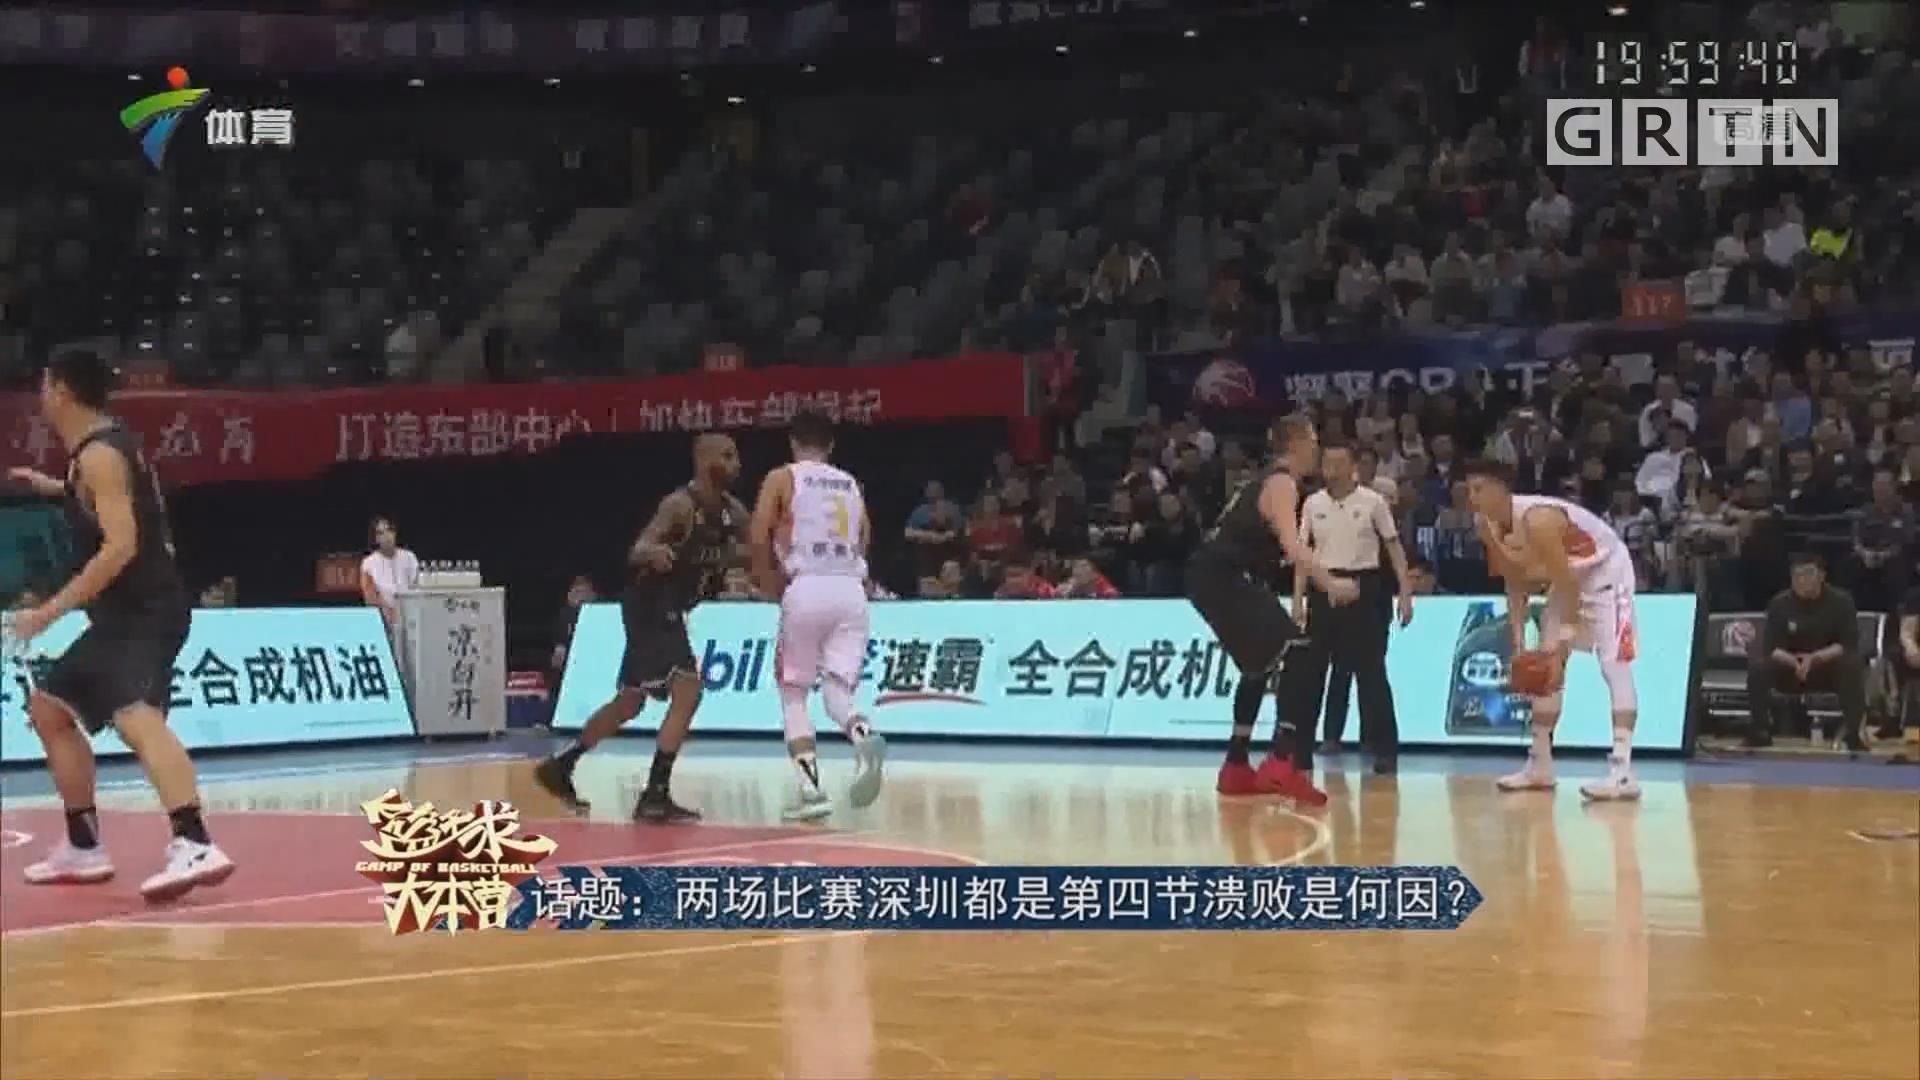 话题:两场比赛深圳都是第四节溃败是何因?